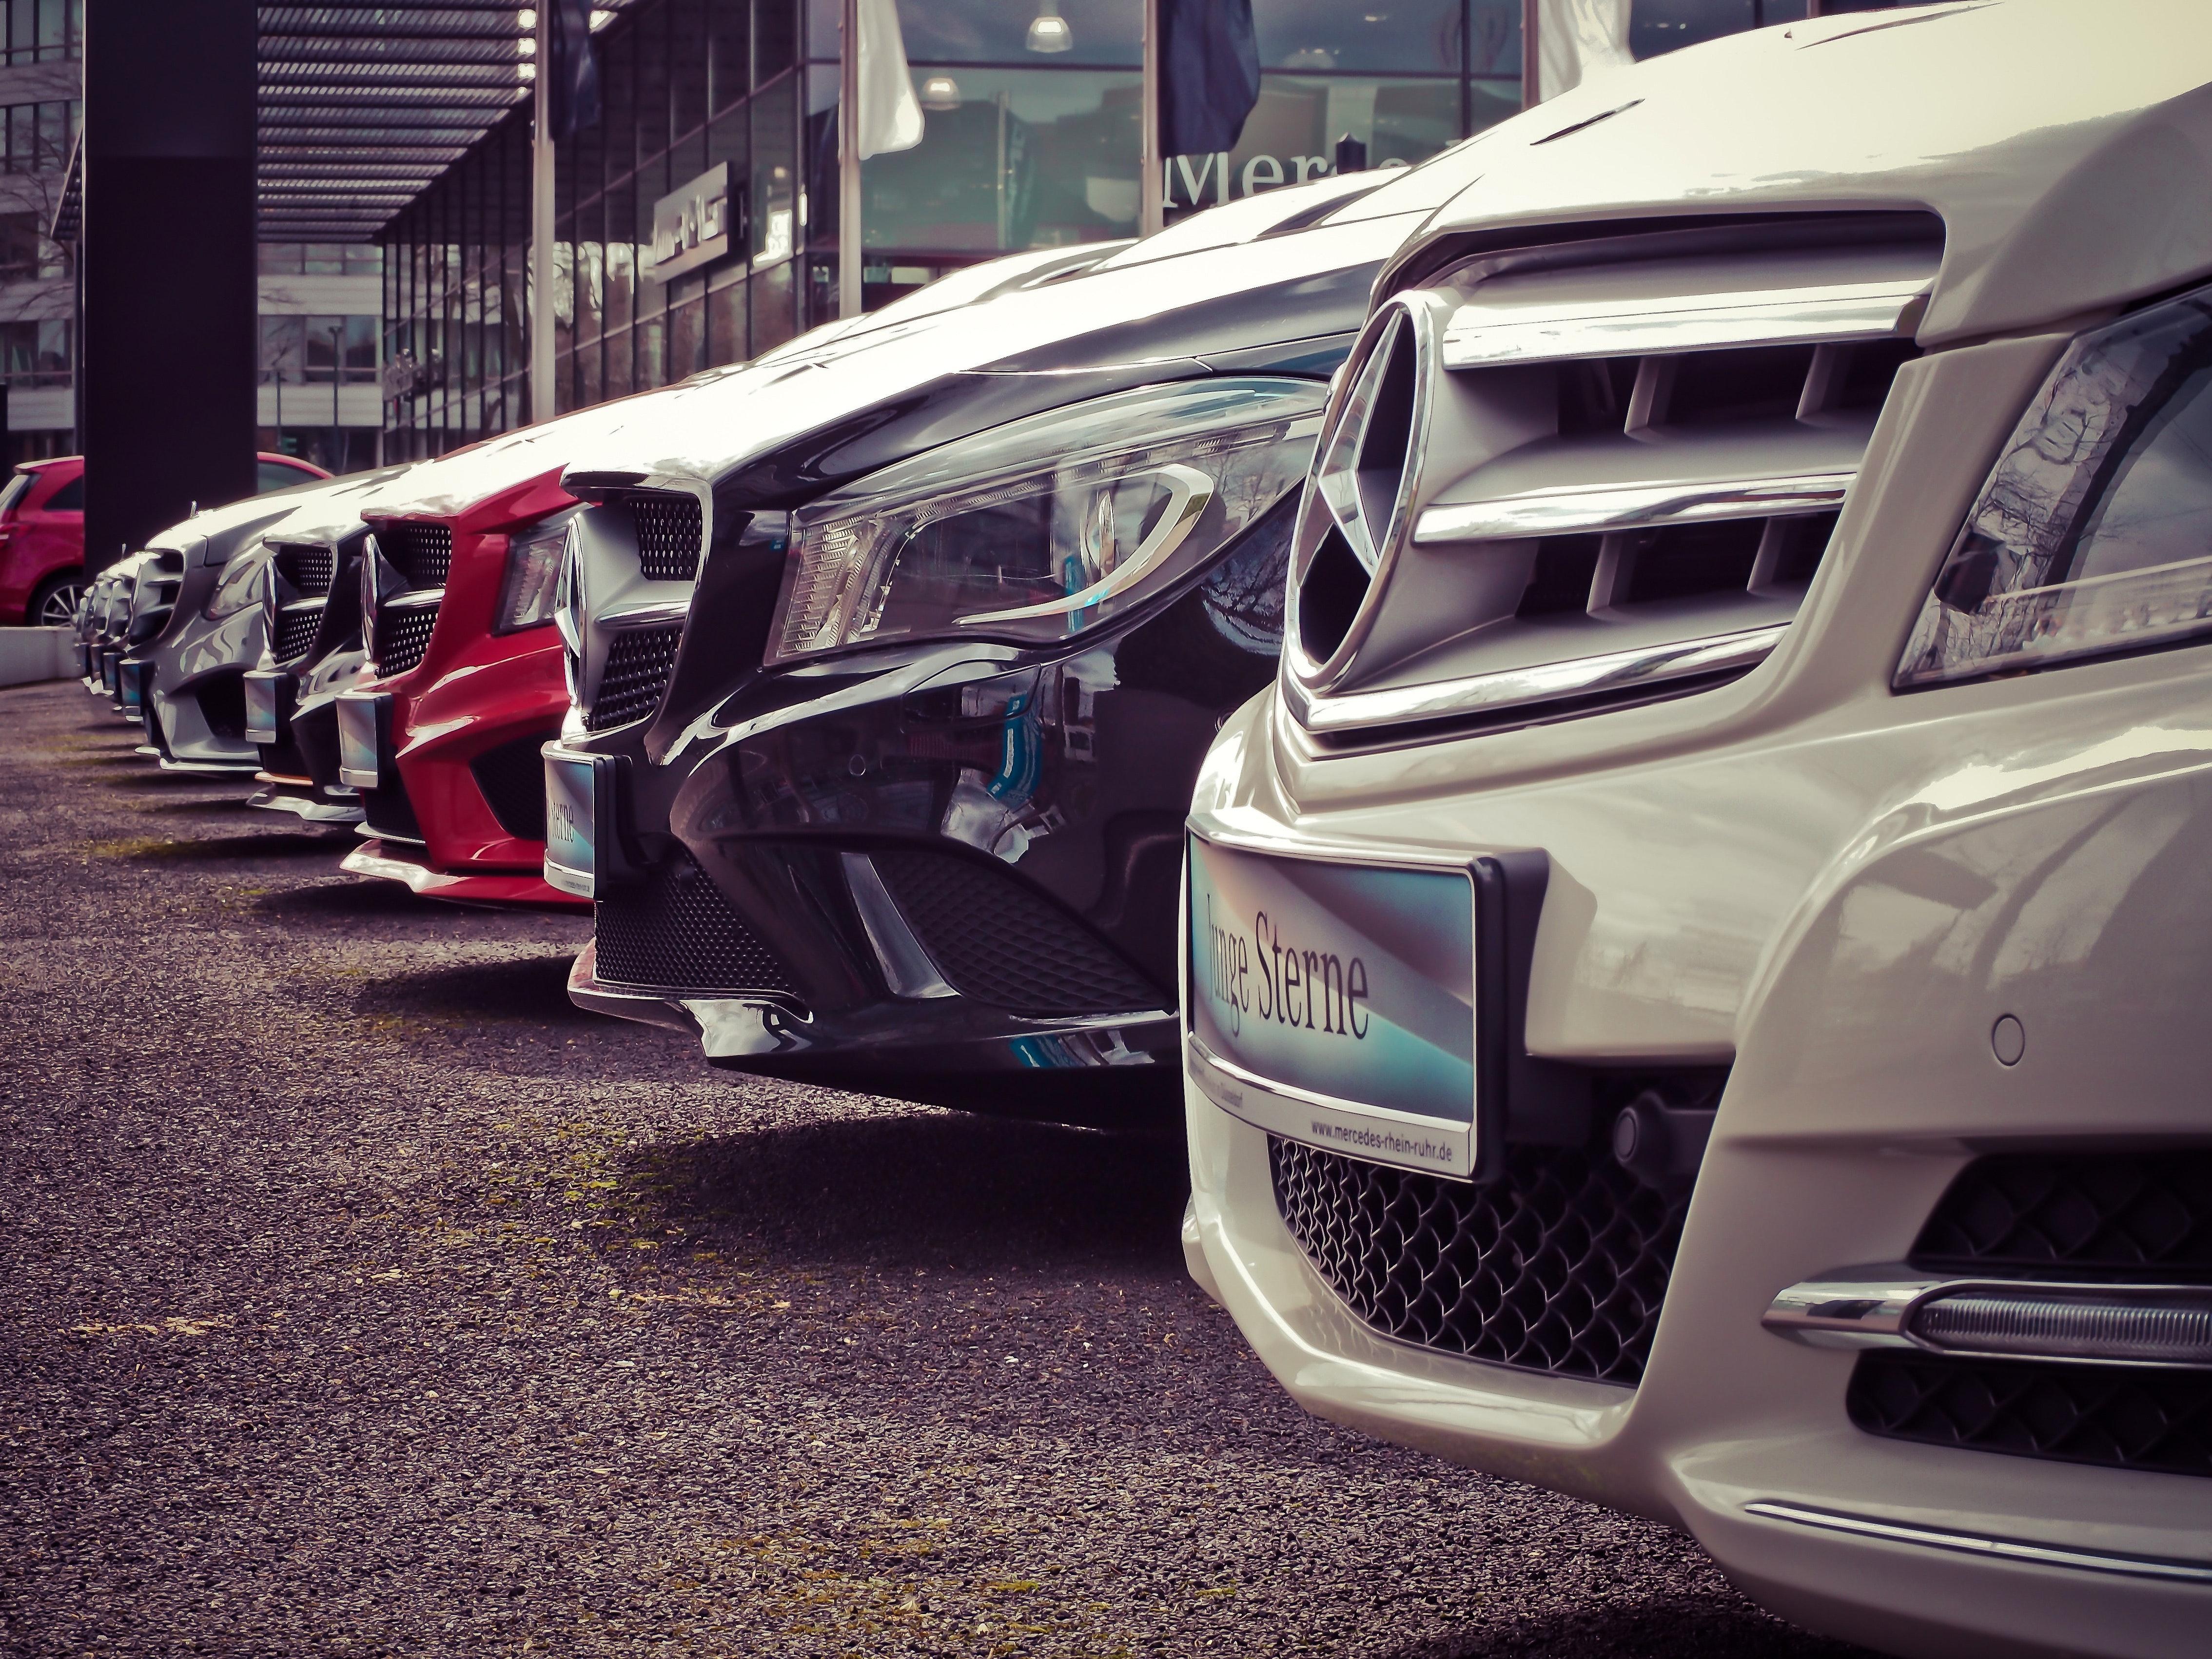 Des startups d'auto-partage surfent sur la vague de l'innovation automobile